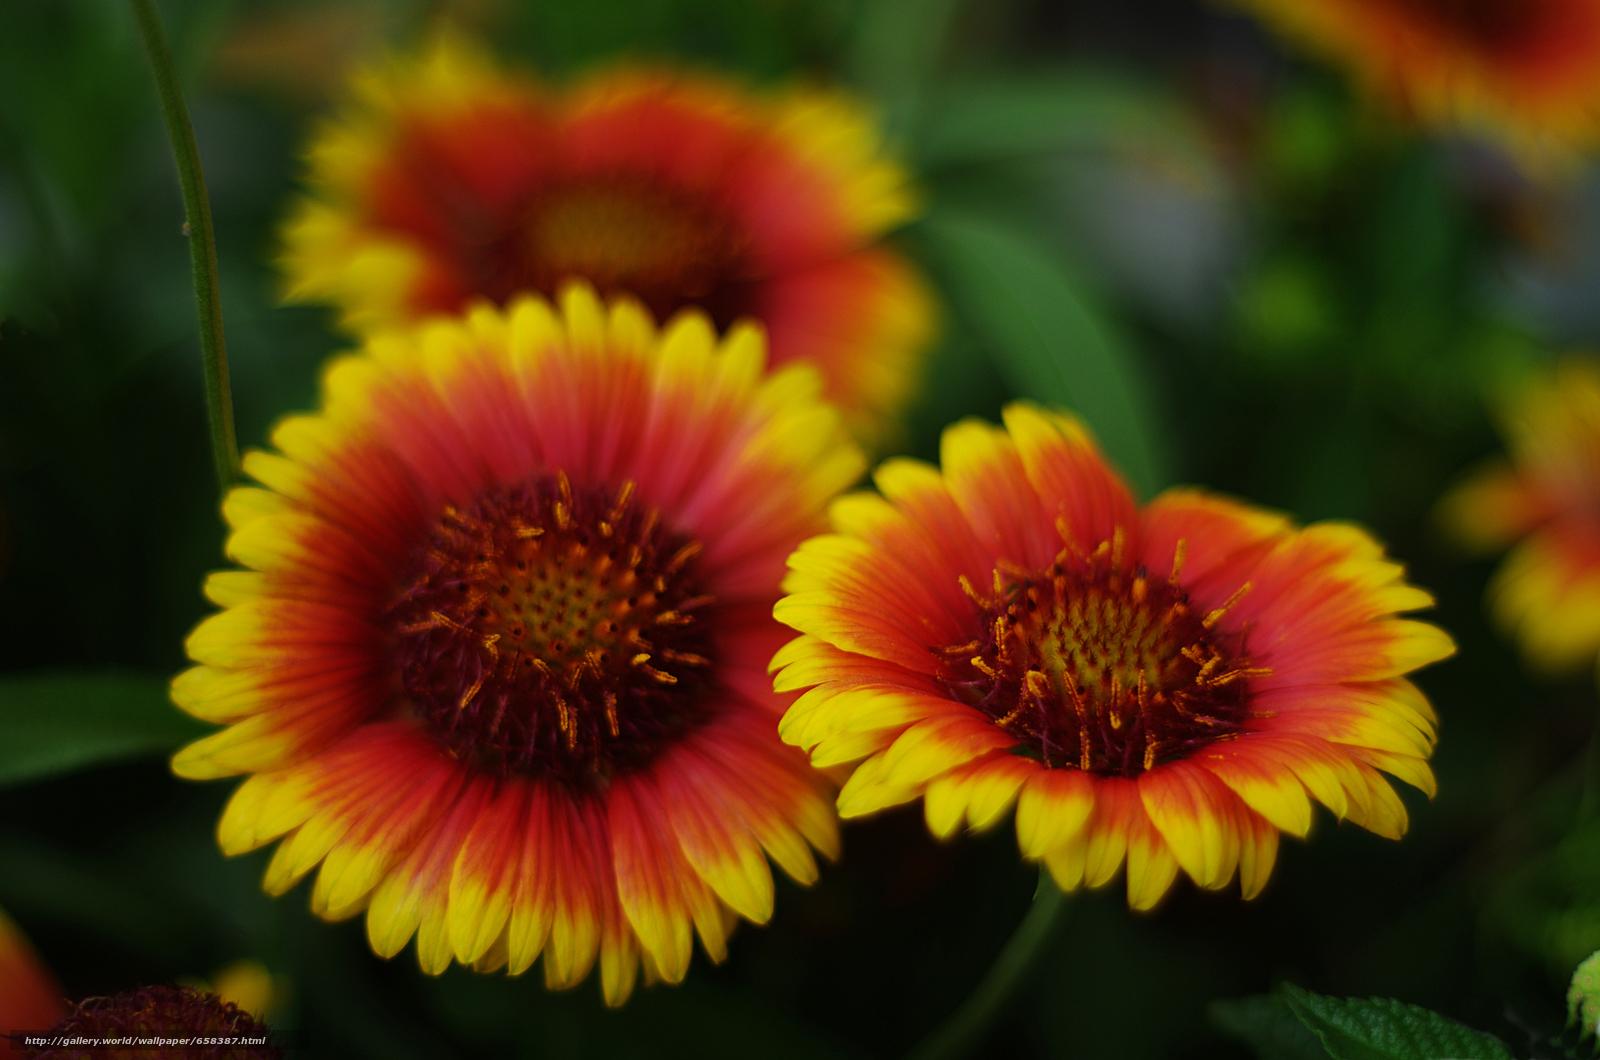 Скачать обои цветок,  цветы,  флора бесплатно для рабочего стола в разрешении 4928x3264 — картинка №658387